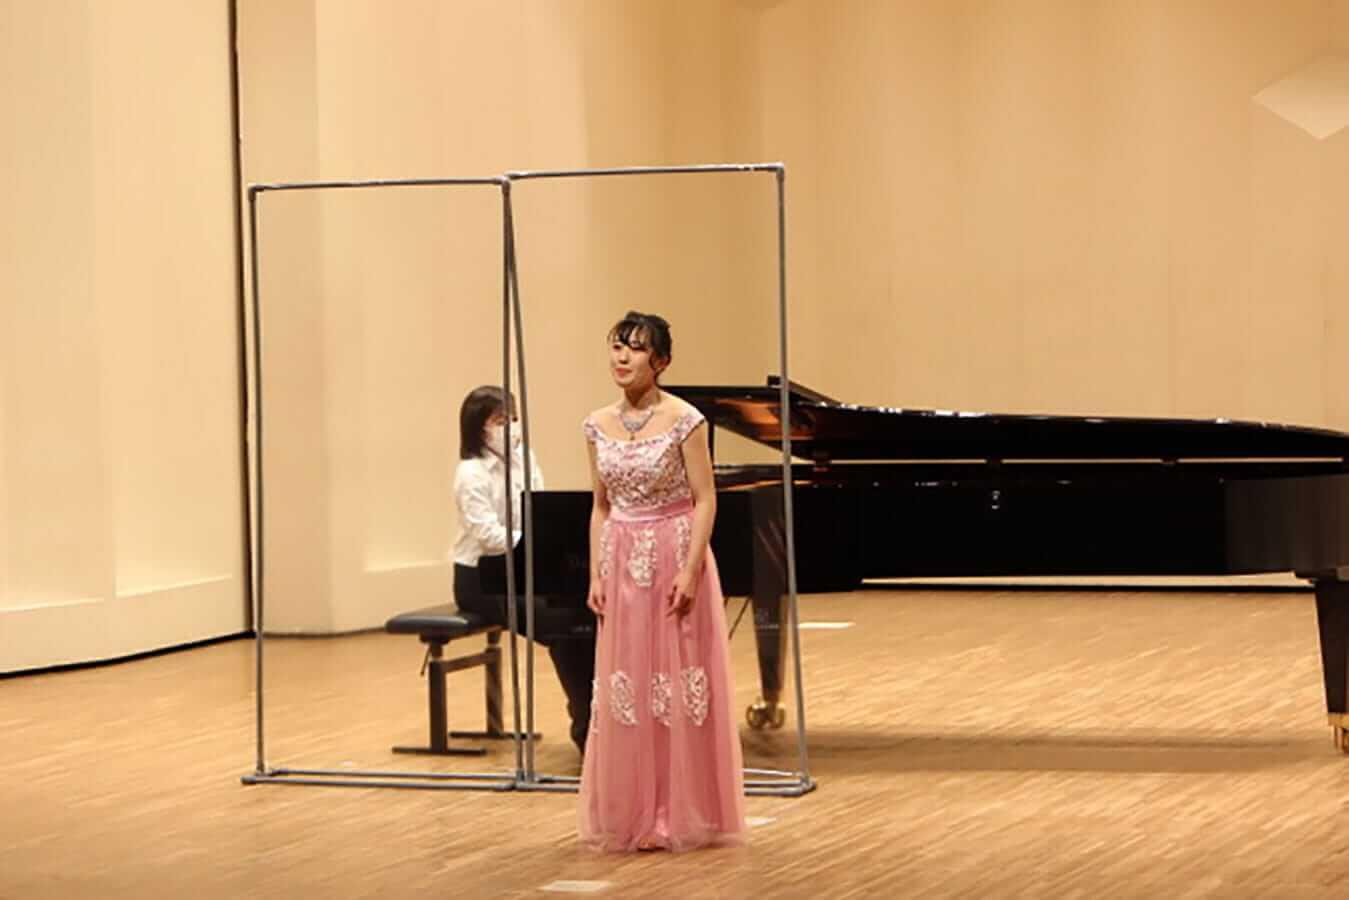 [写真]学内演奏会 ―声楽コース 1・2年次 独唱 3年次 日本歌曲―演奏風景5